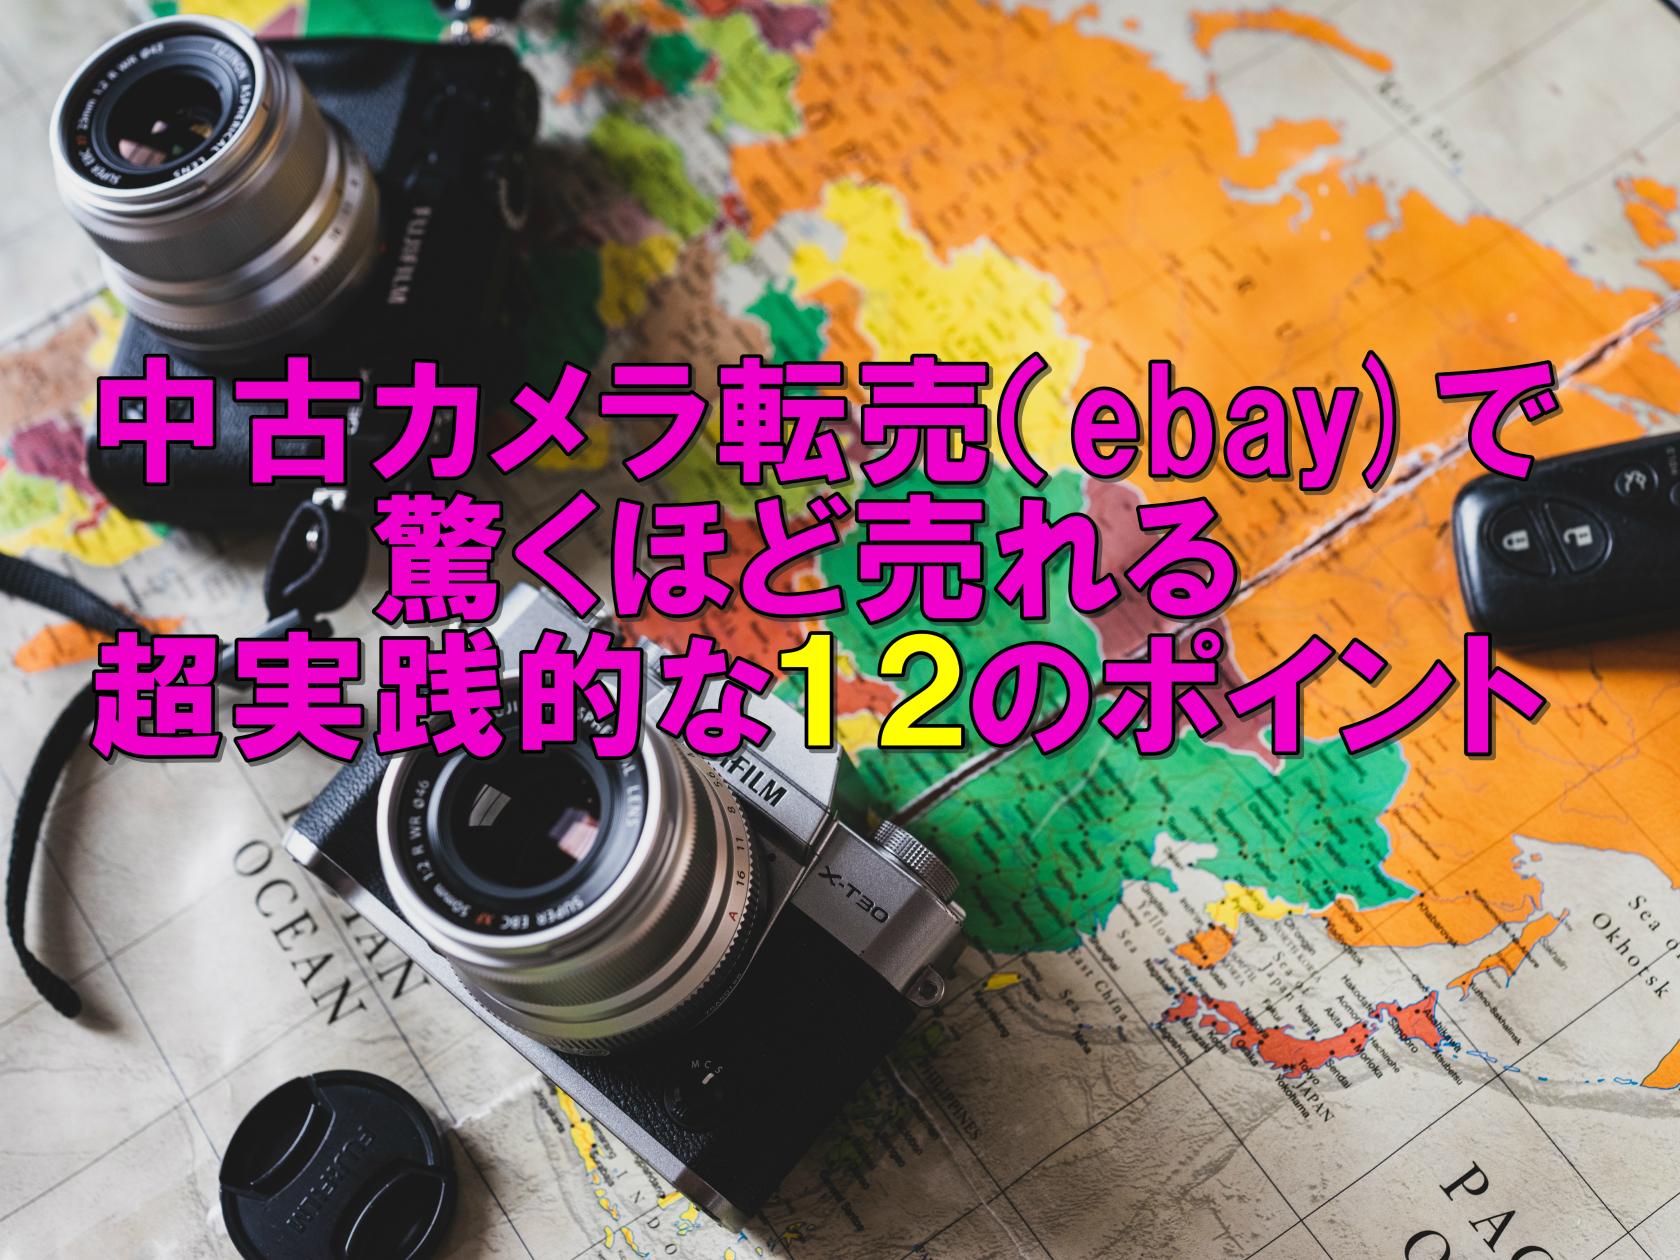 【保存版】中古カメラの転売(ebay)で驚くほど売れる超実践的な12のポイント